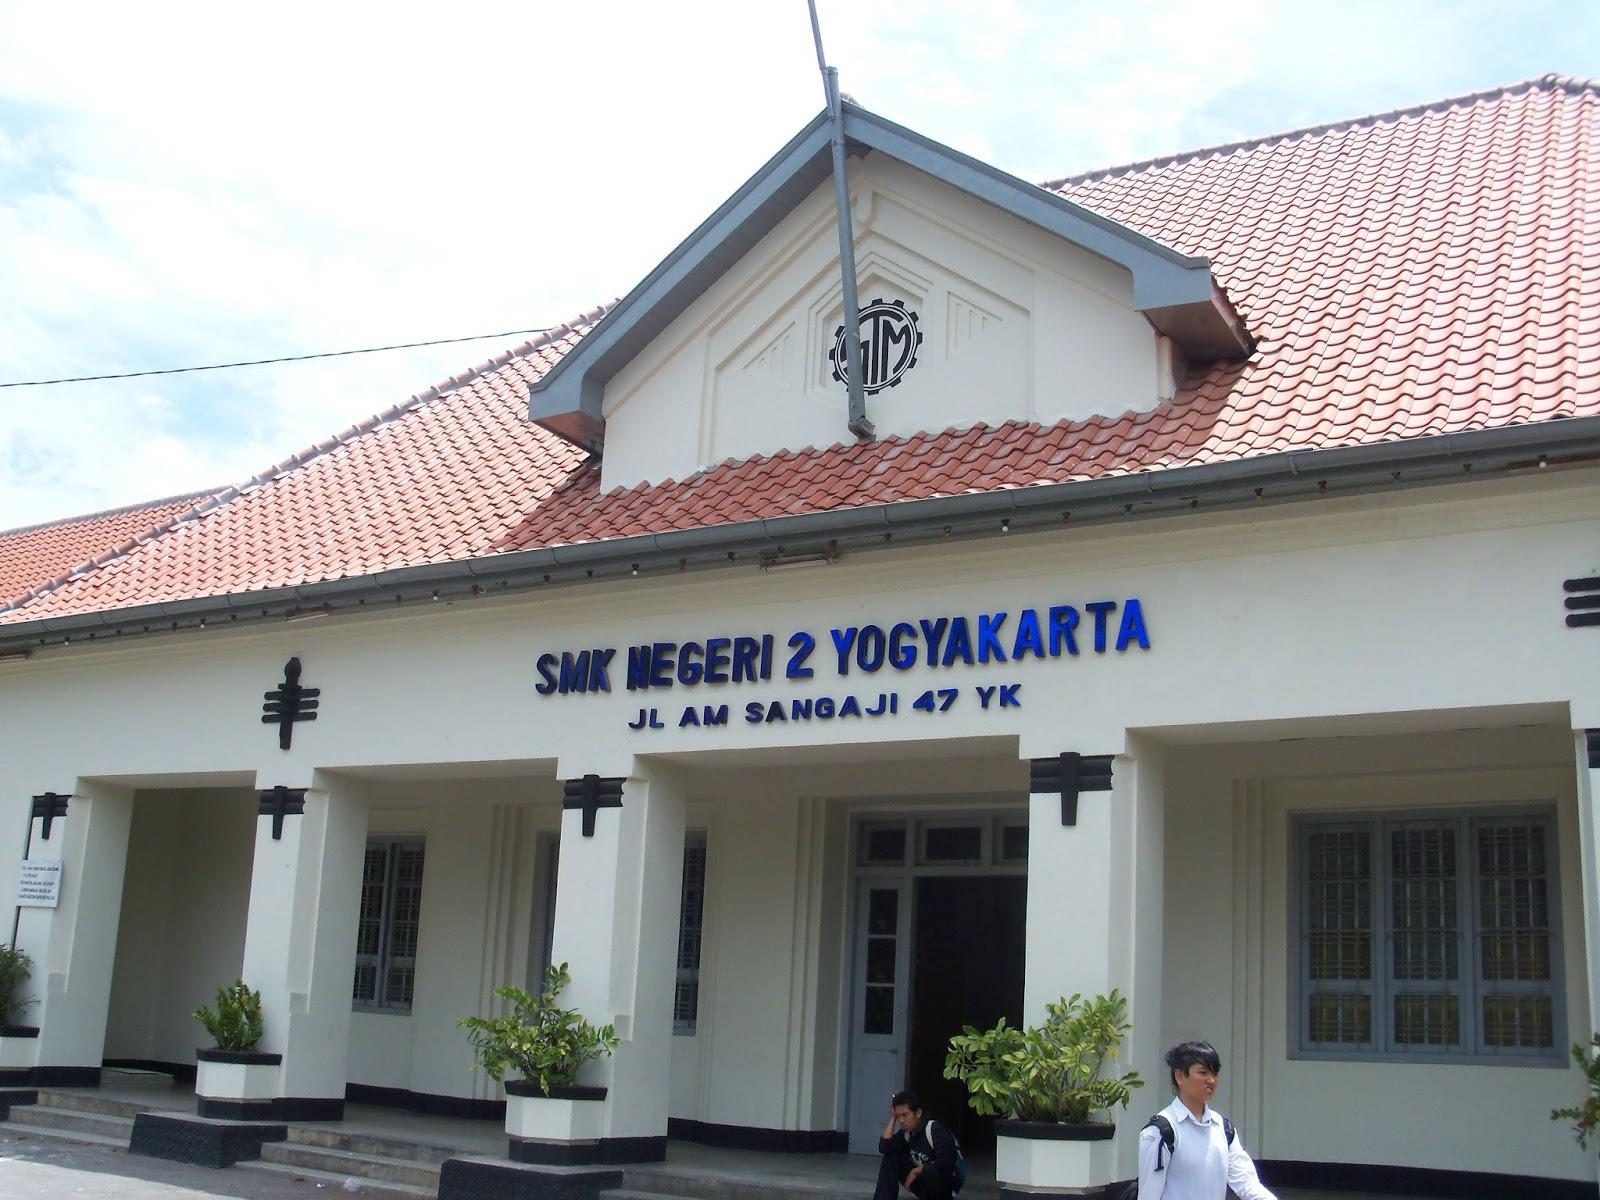 Cerita horor sekolah di Indonesia